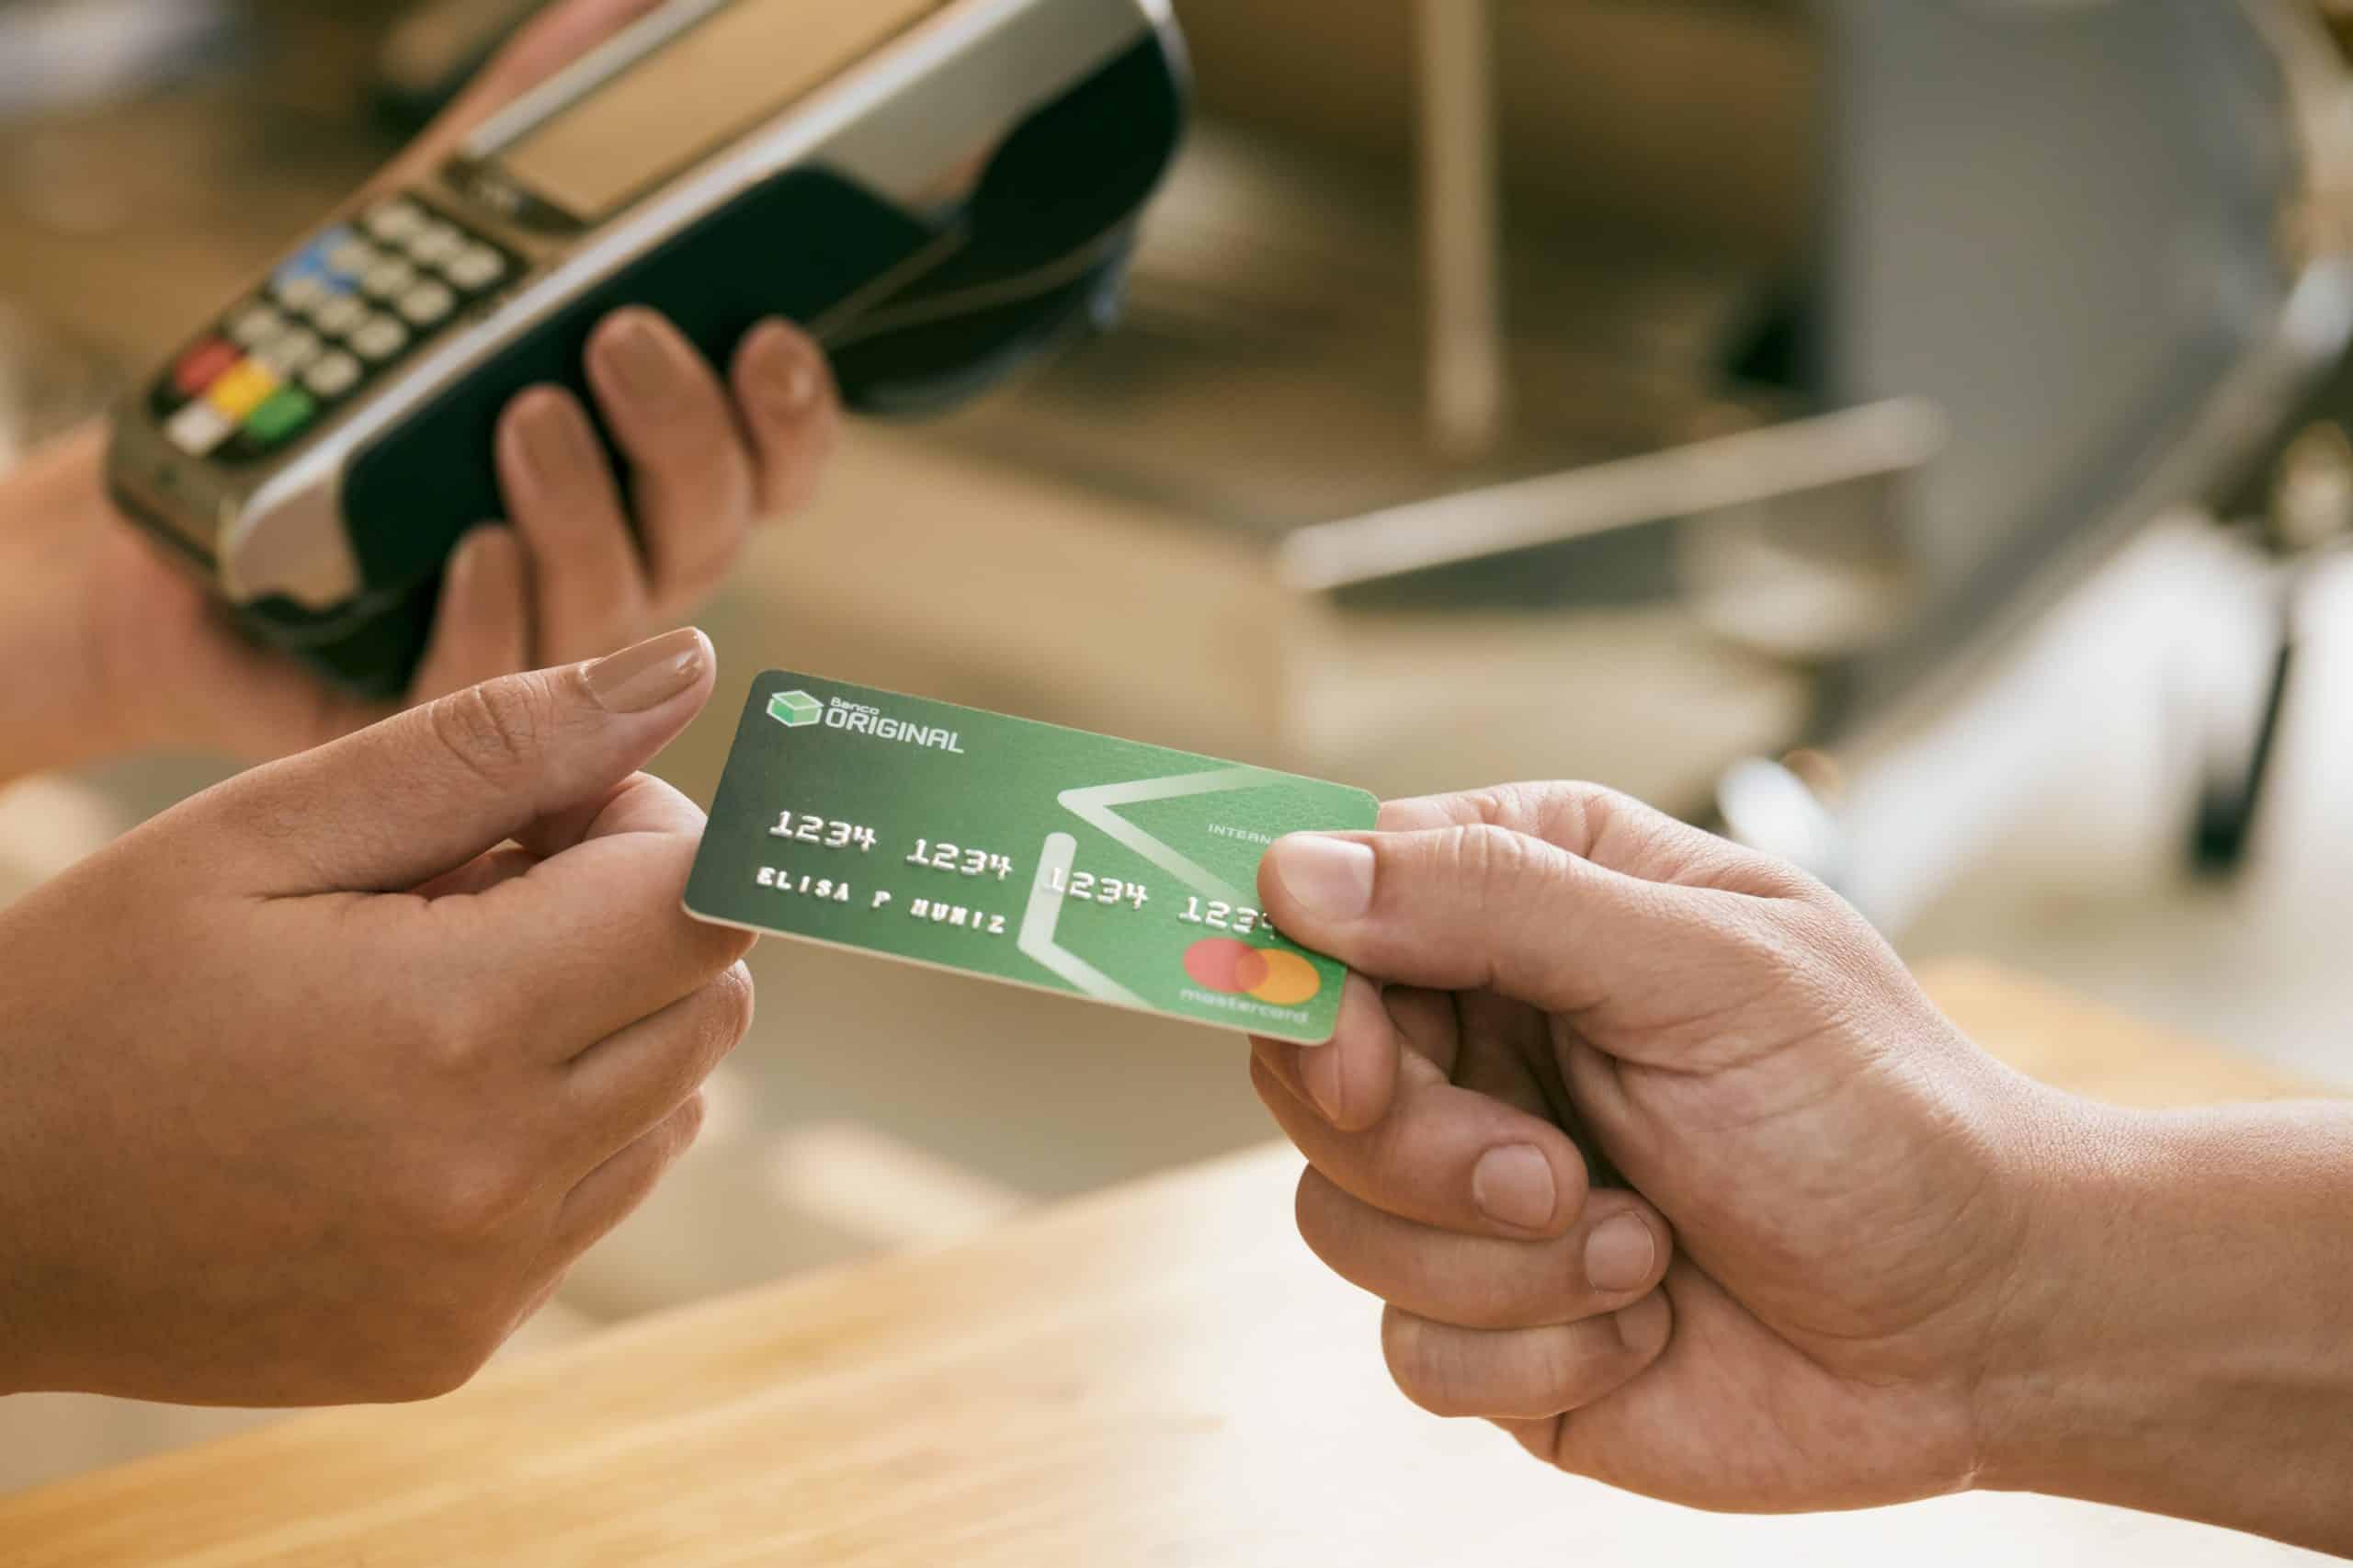 Conheça QUATRO cartões de crédito do Banco Original e escolha o IDEAL para você